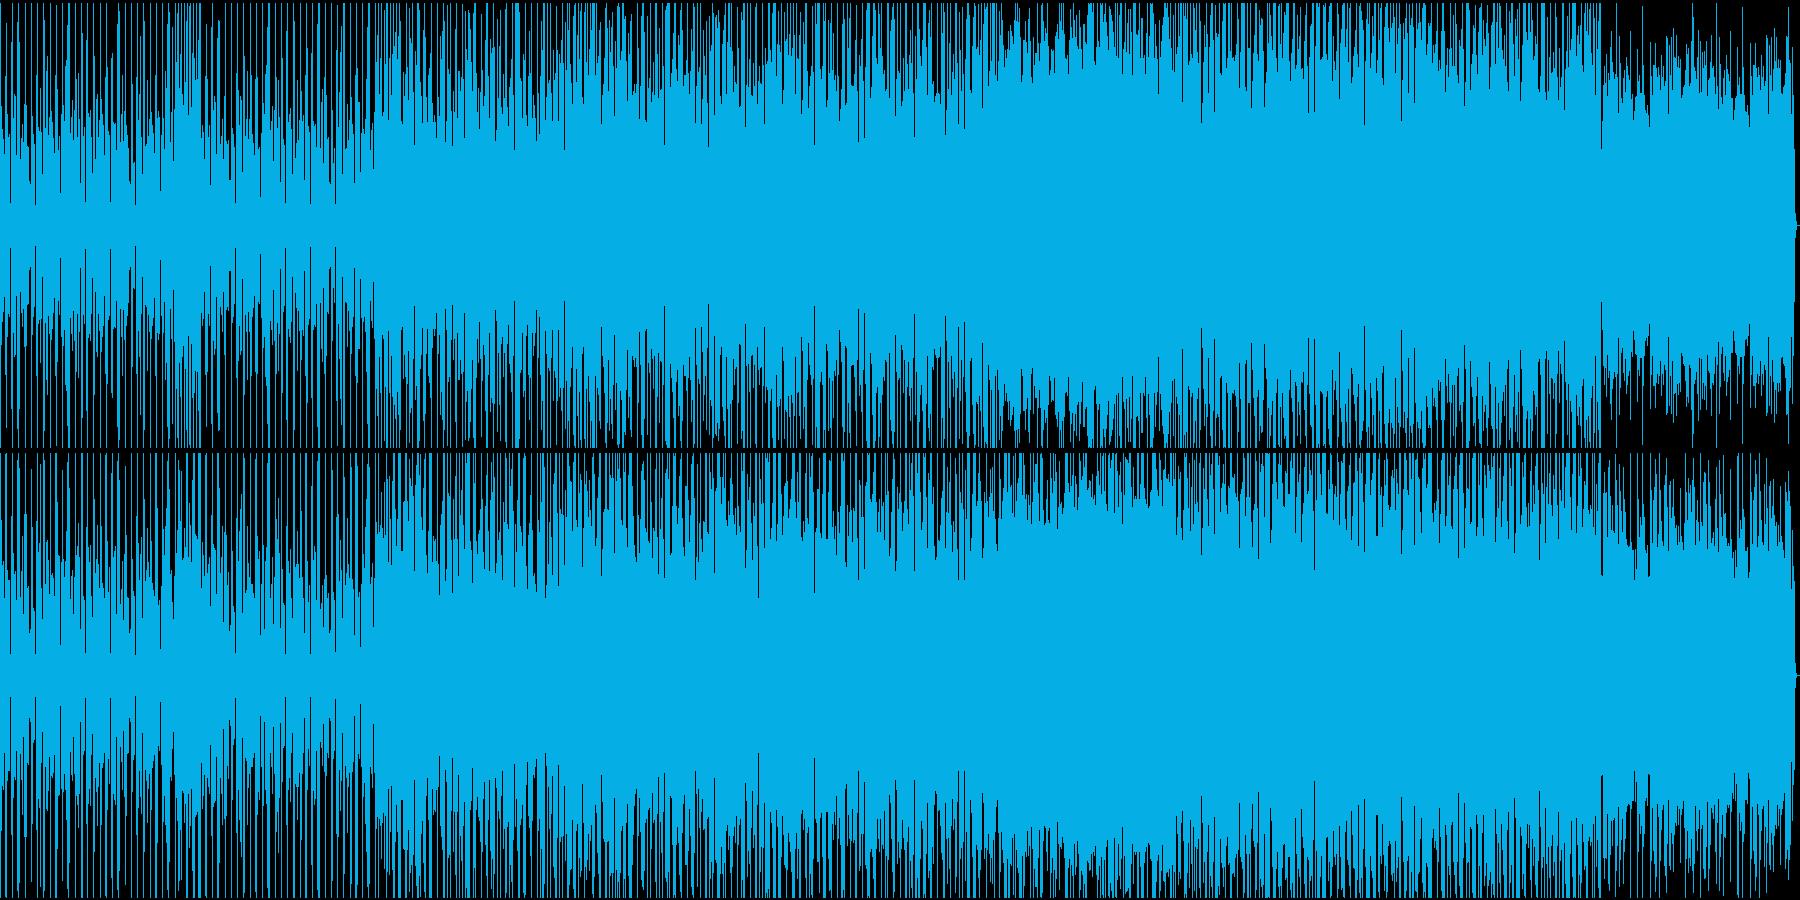 EDM色の徐々に高揚していく曲の再生済みの波形